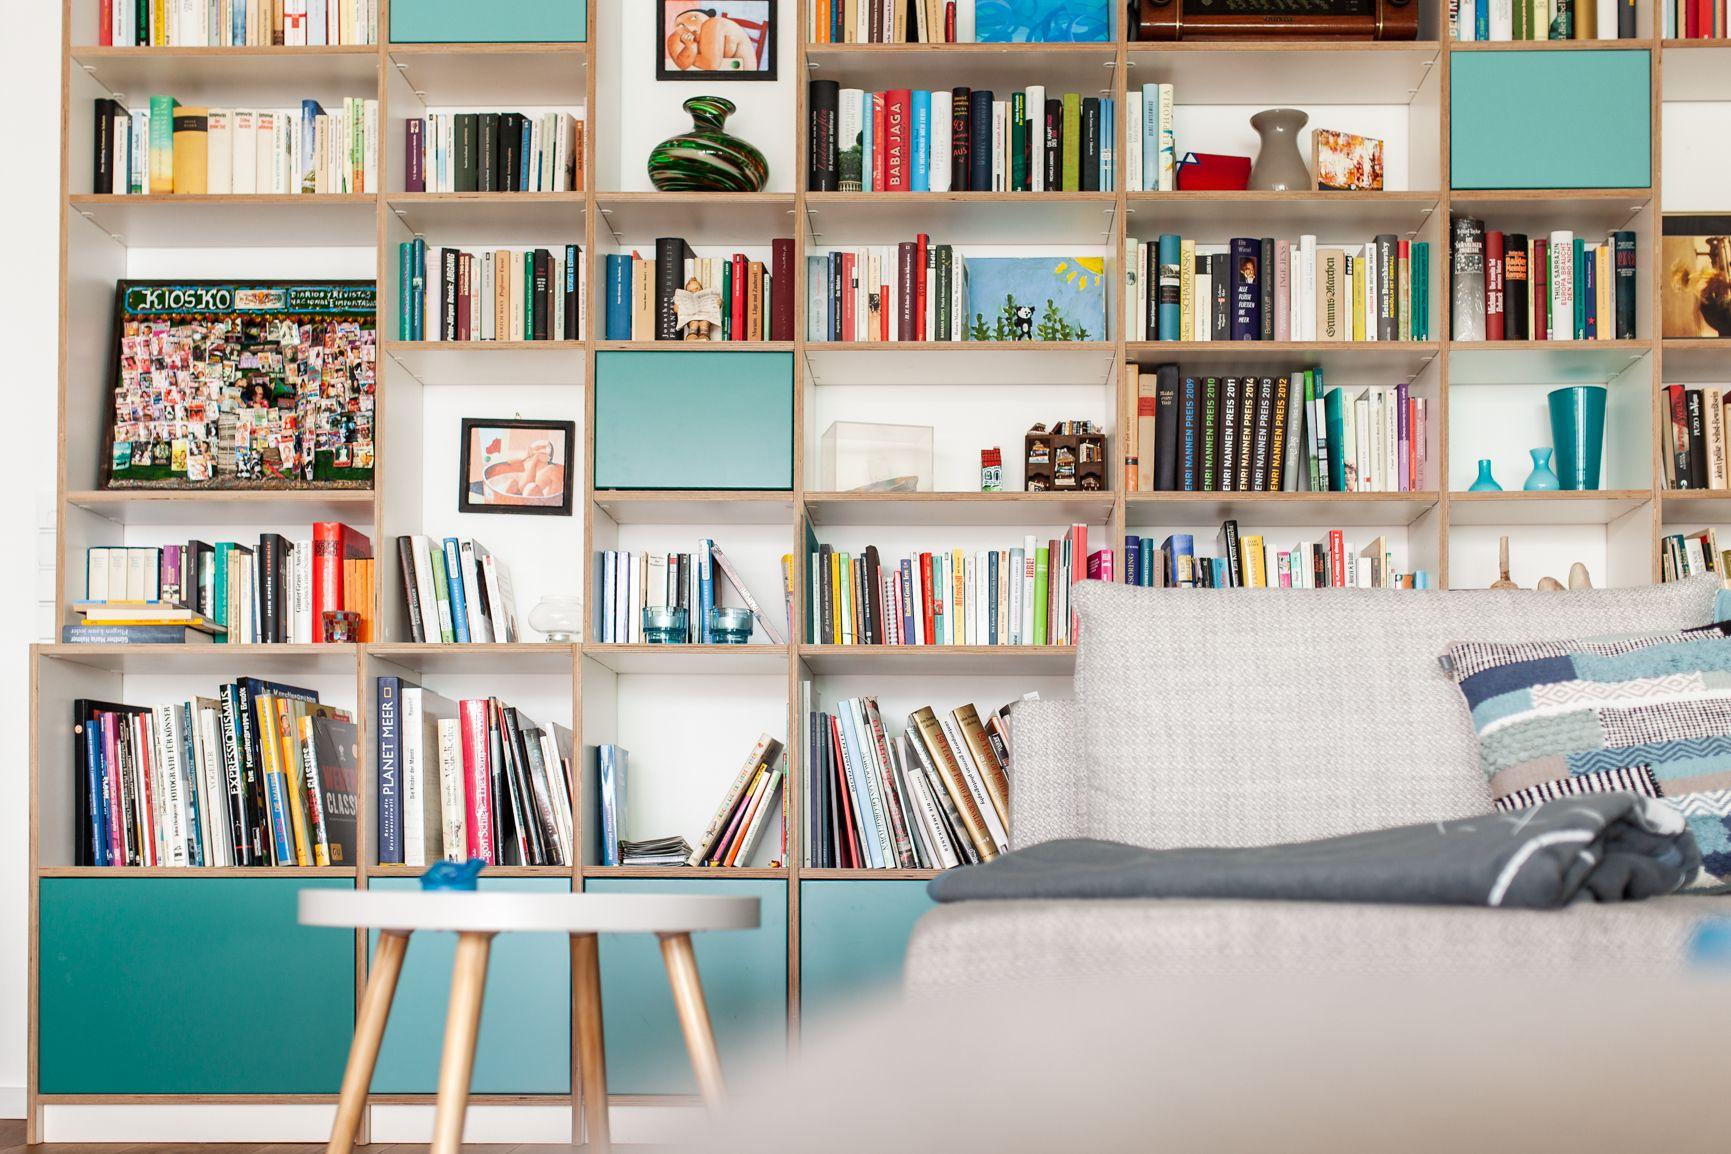 Wandregal Aus Weiß Lackierten Multiplex Und Bunten Türen Konfigurieren Sie Ihr Individuelles Möbelstück Bei Pickawood Regal Konfigurator Regal Haus Deko